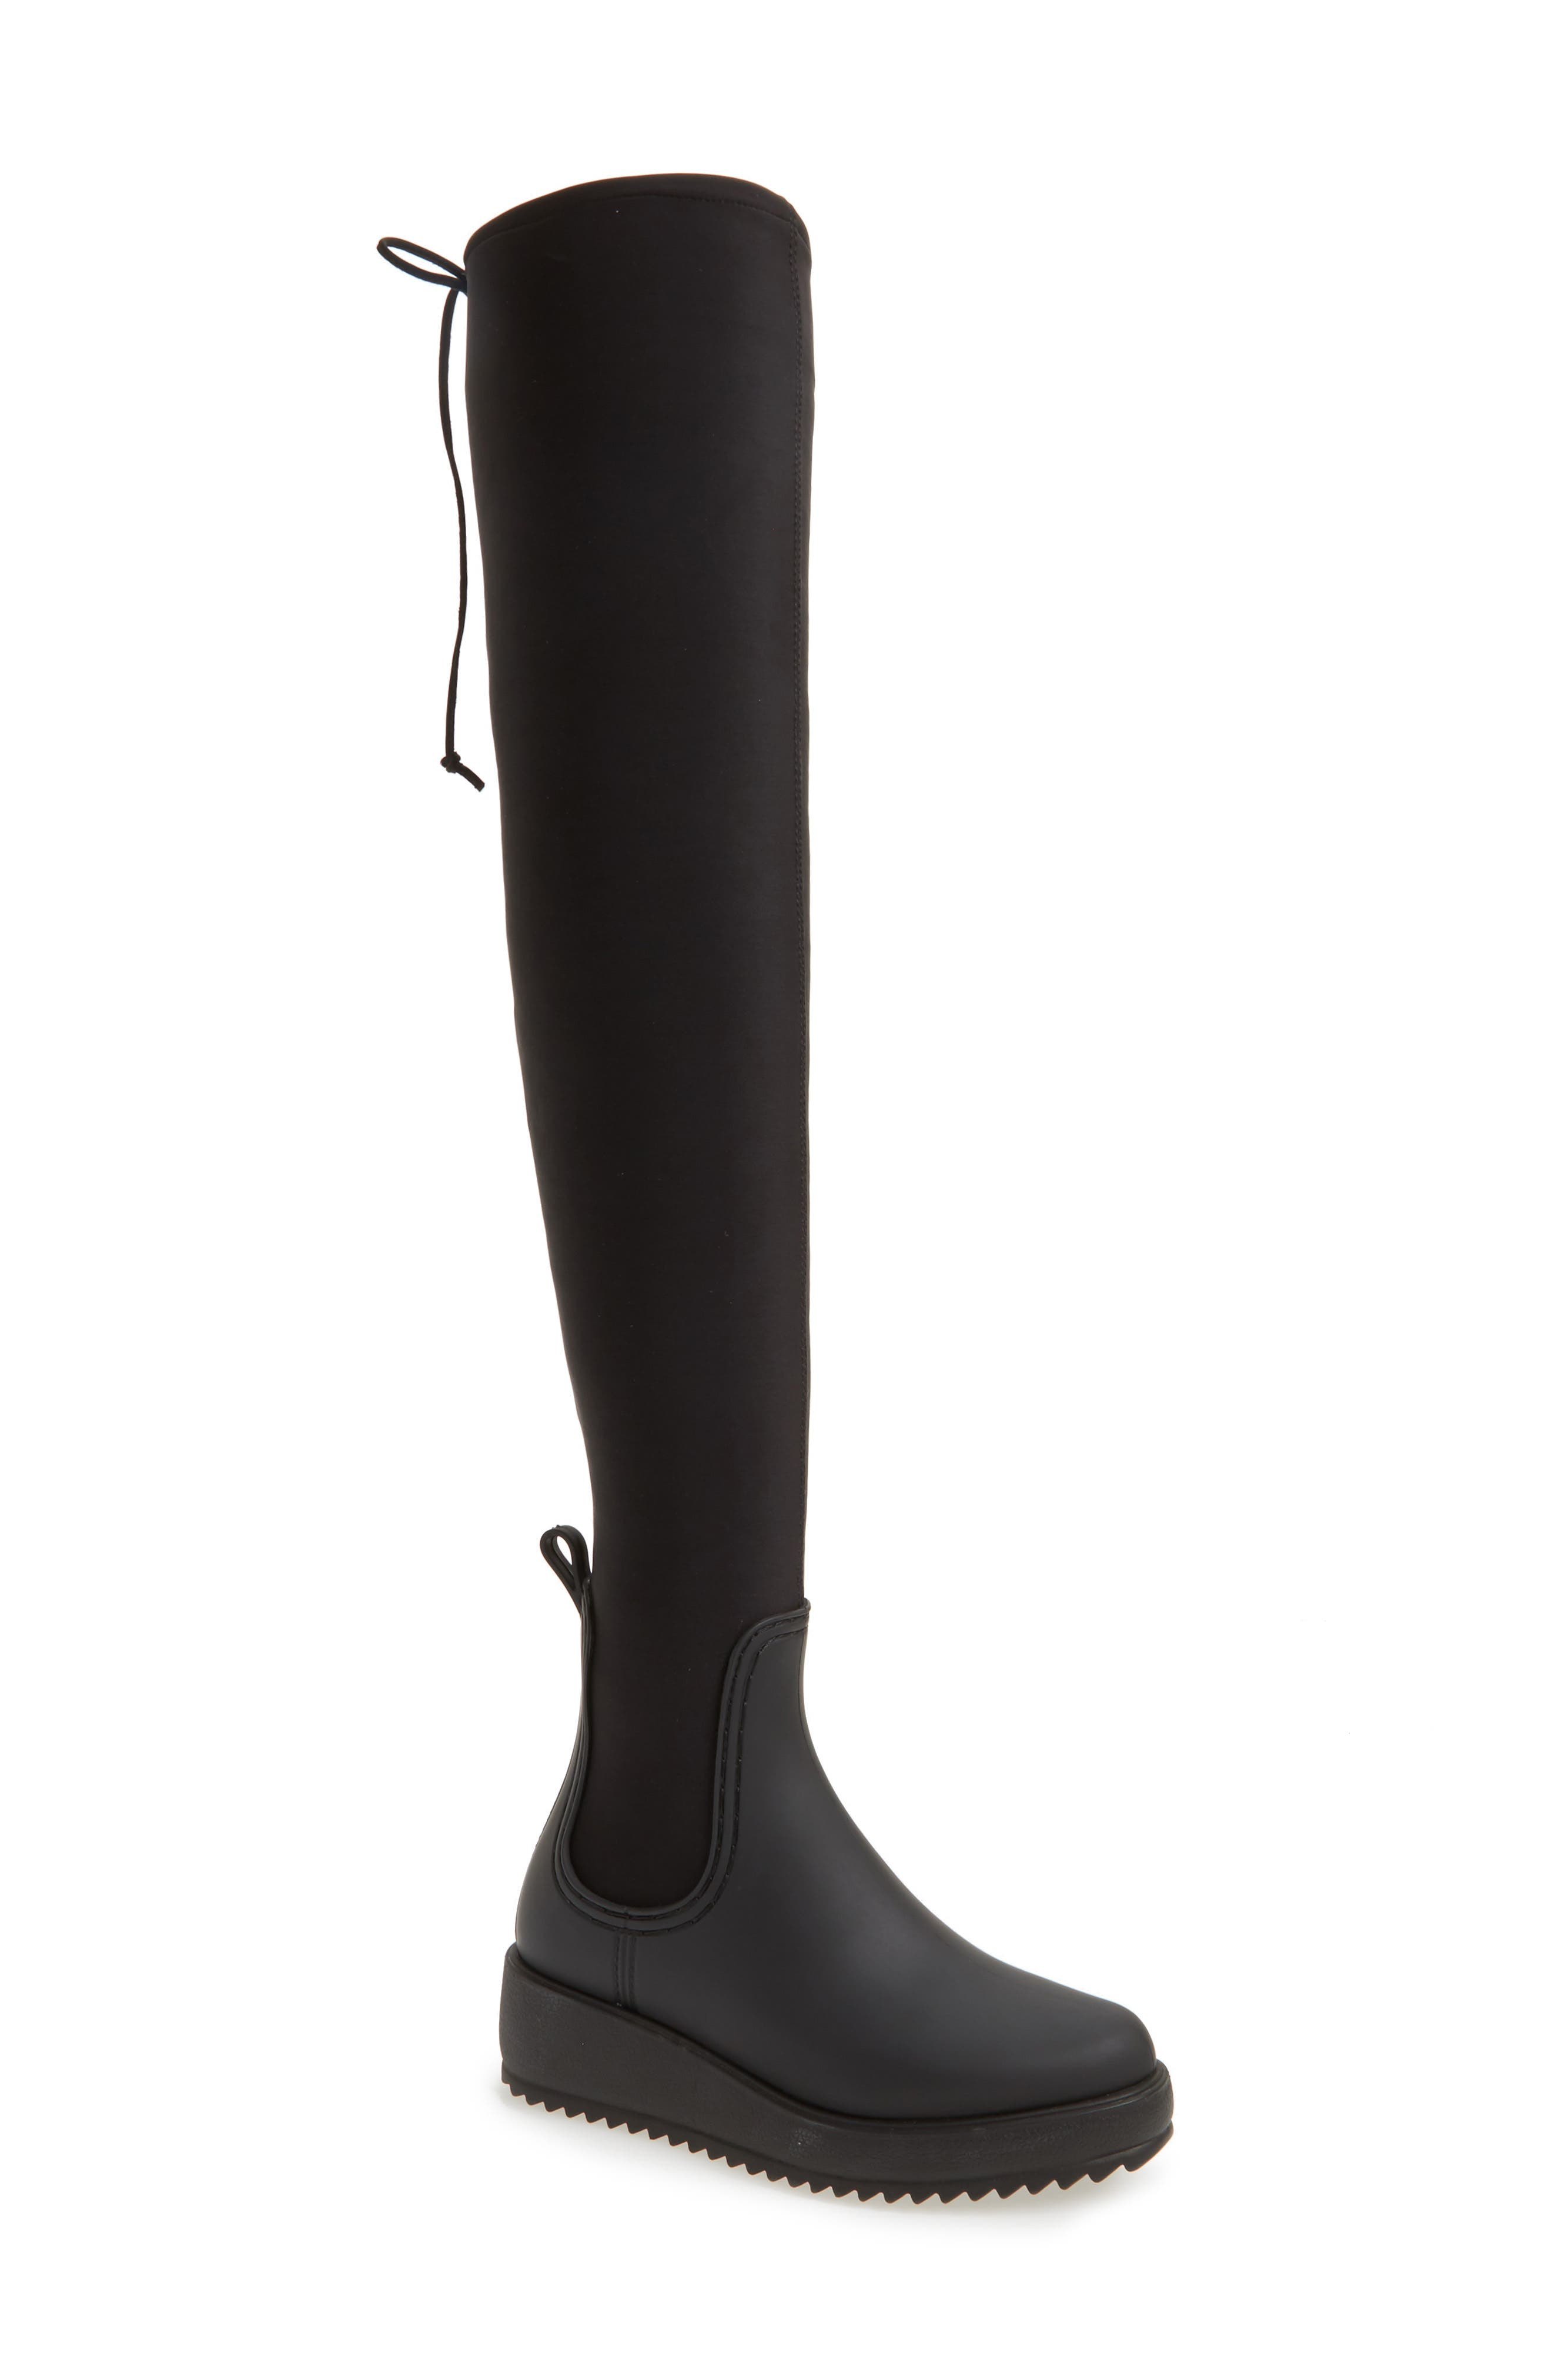 Monsoon Over the Knee Platform Rain Boot,                             Main thumbnail 1, color,                             Black Black Neoprene